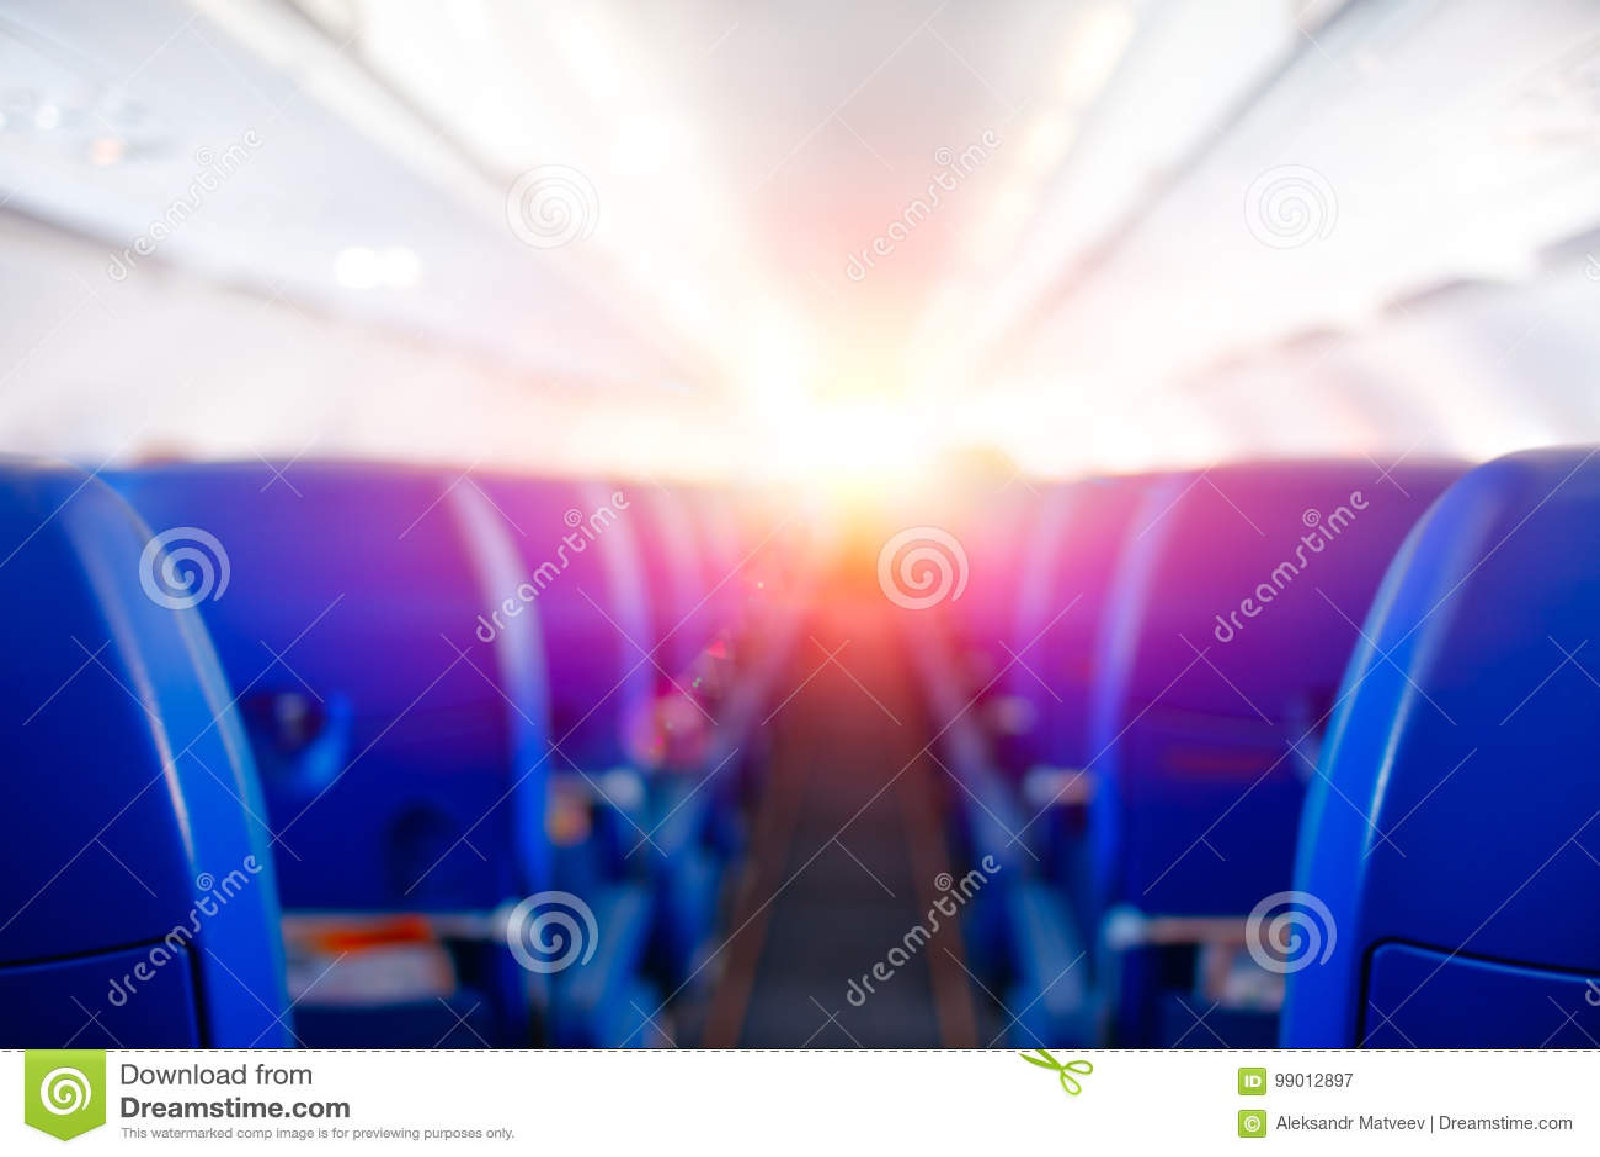 De passagierszetel, Binnenlands van vliegtuig, vliegtuig vliegt om zon te ontmoeten, verlicht het heldere zonlicht de vliegtuigen